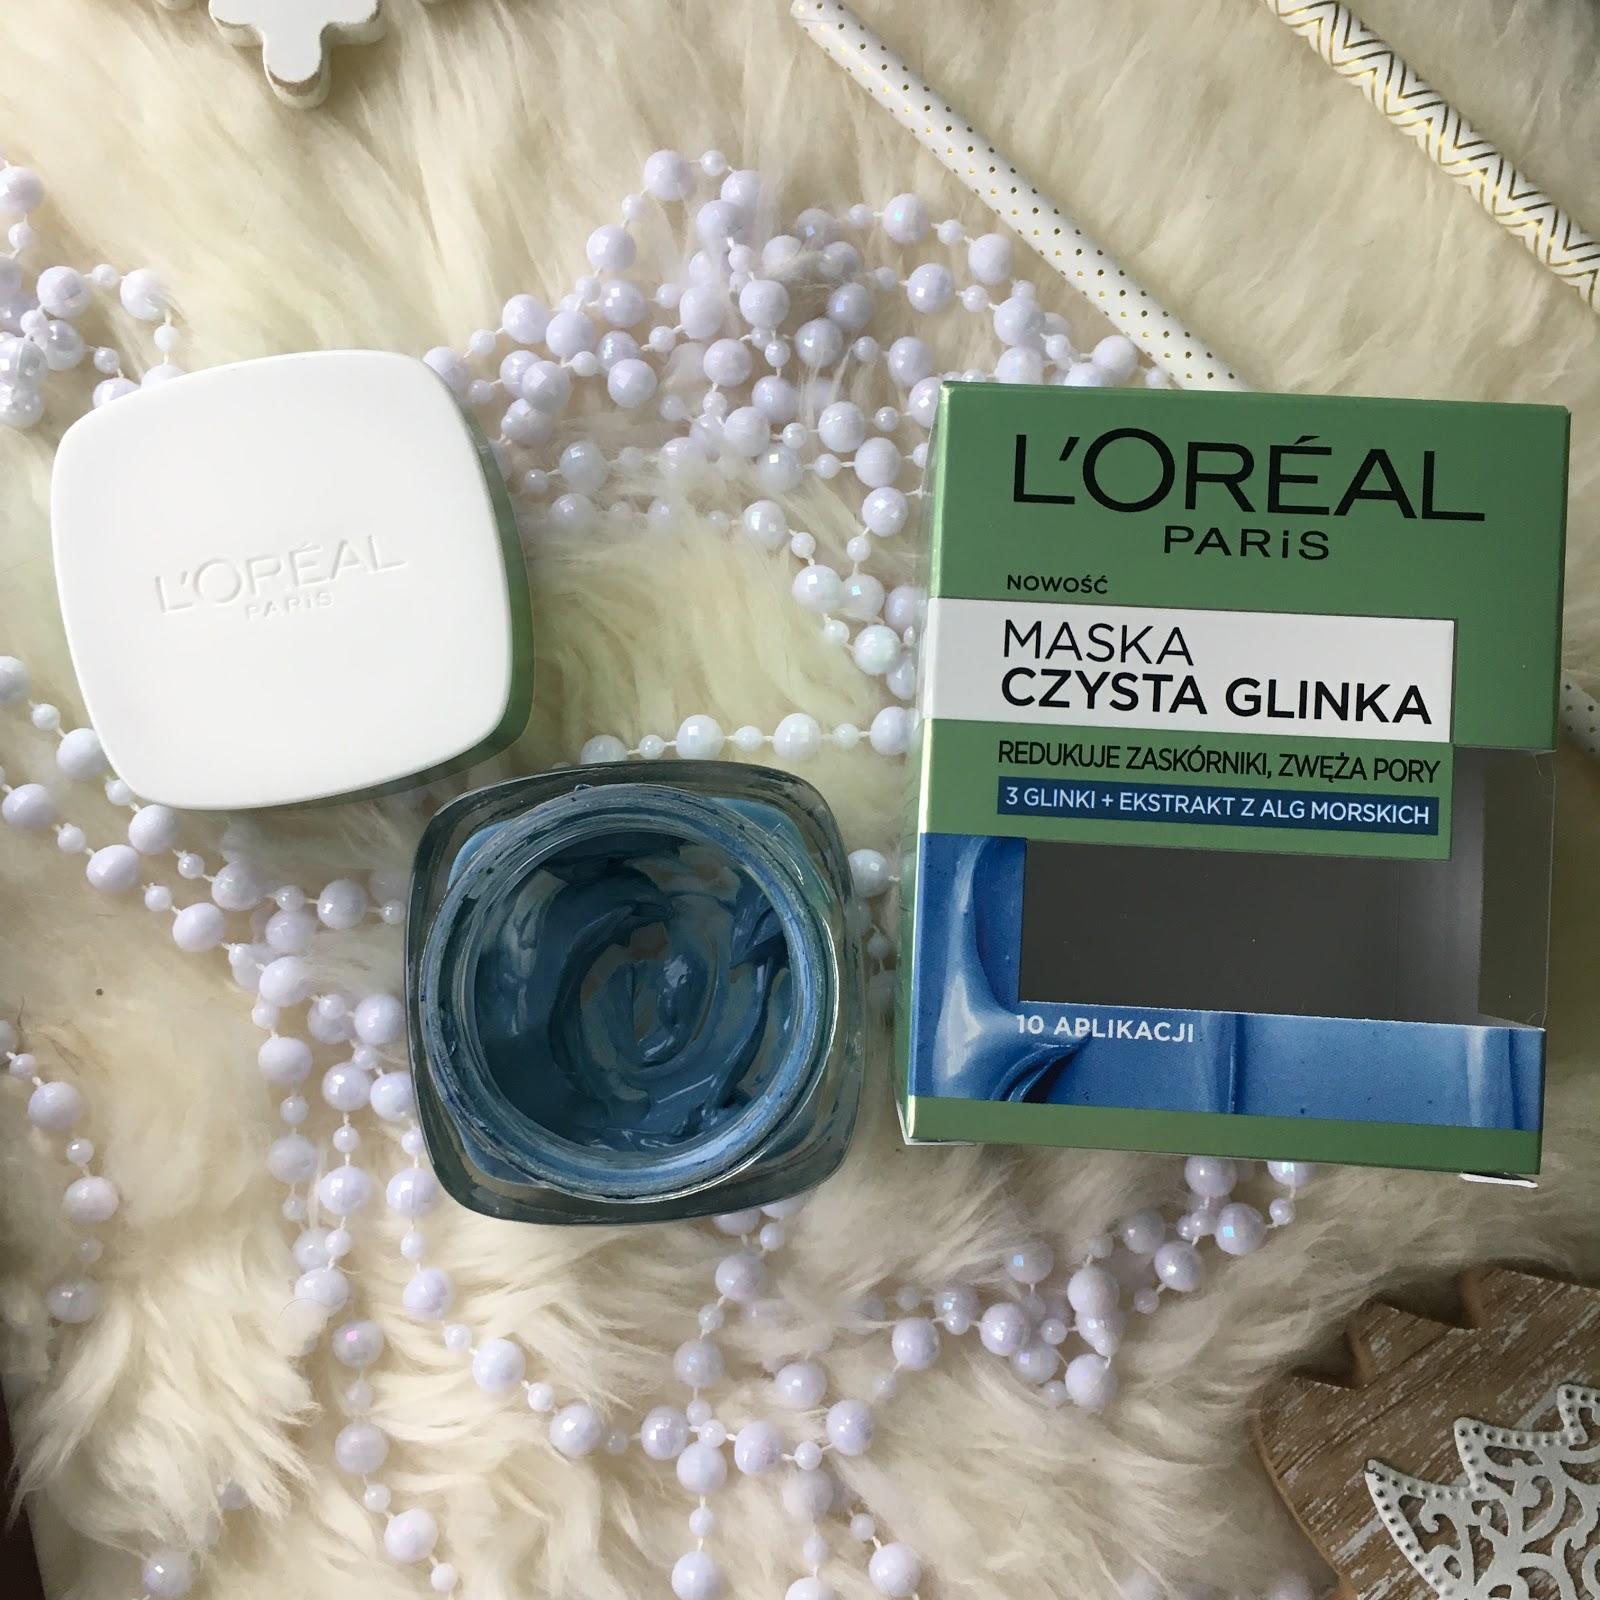 3 produkty to seria mini recenzji, dziś maska oczyszczająca z L'oreal, Madara oraz Rapan.